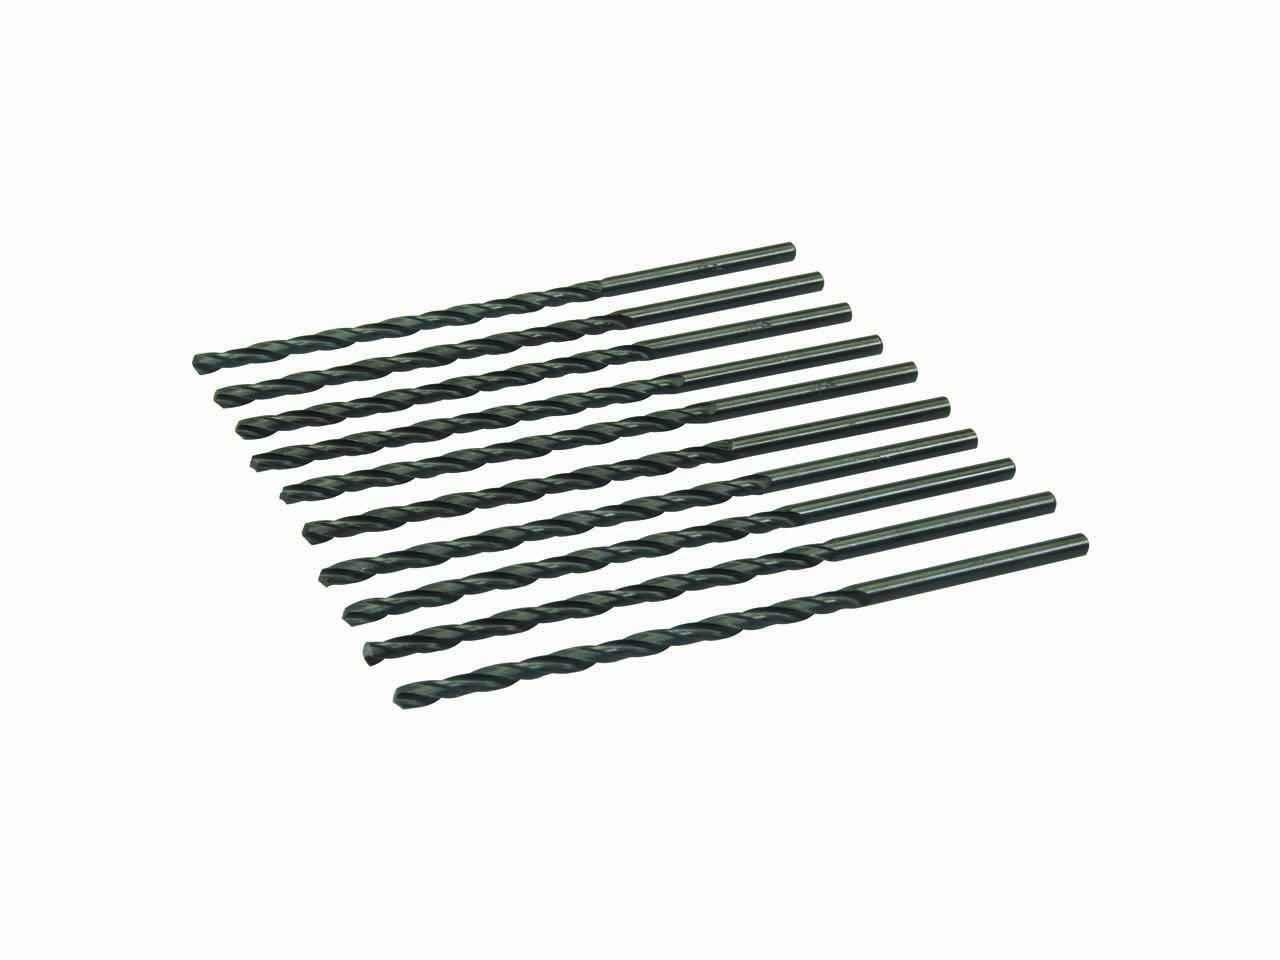 Metric HSS-R Jobber Bits 10pk 2.0mm Drill Drilling Steel Aluminium Plastics Wood